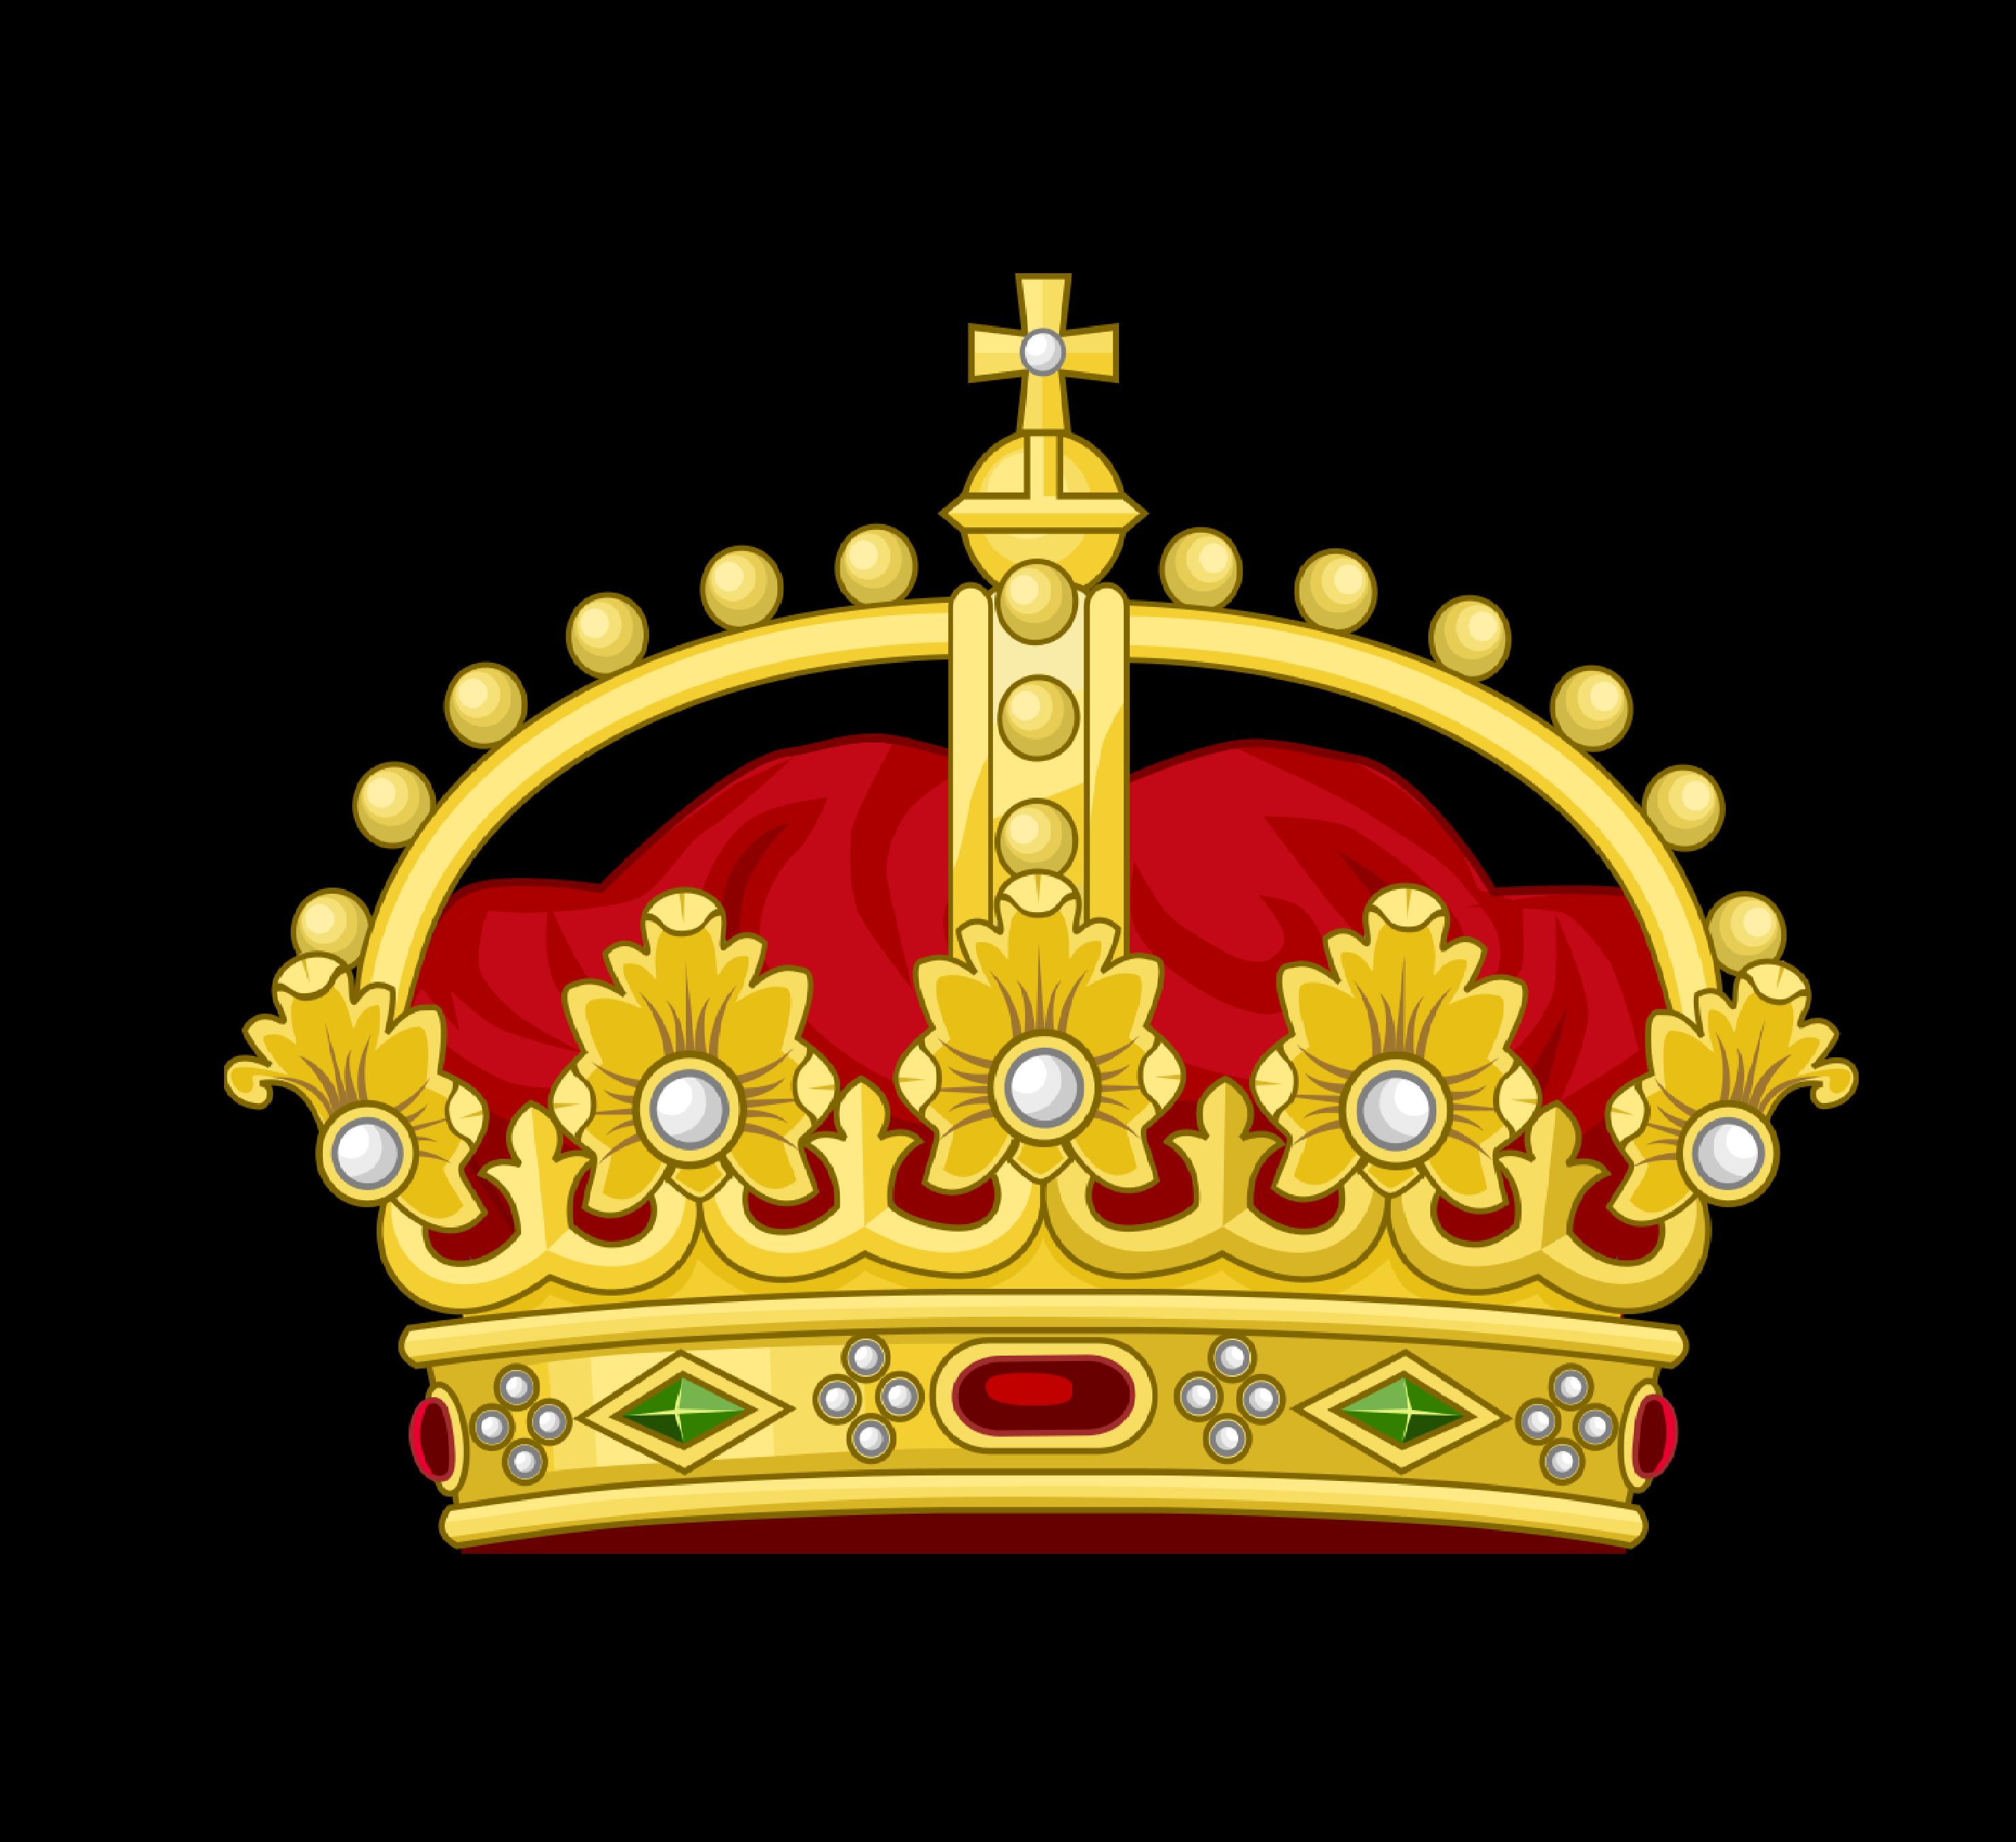 Kingfall (Youtube channel)